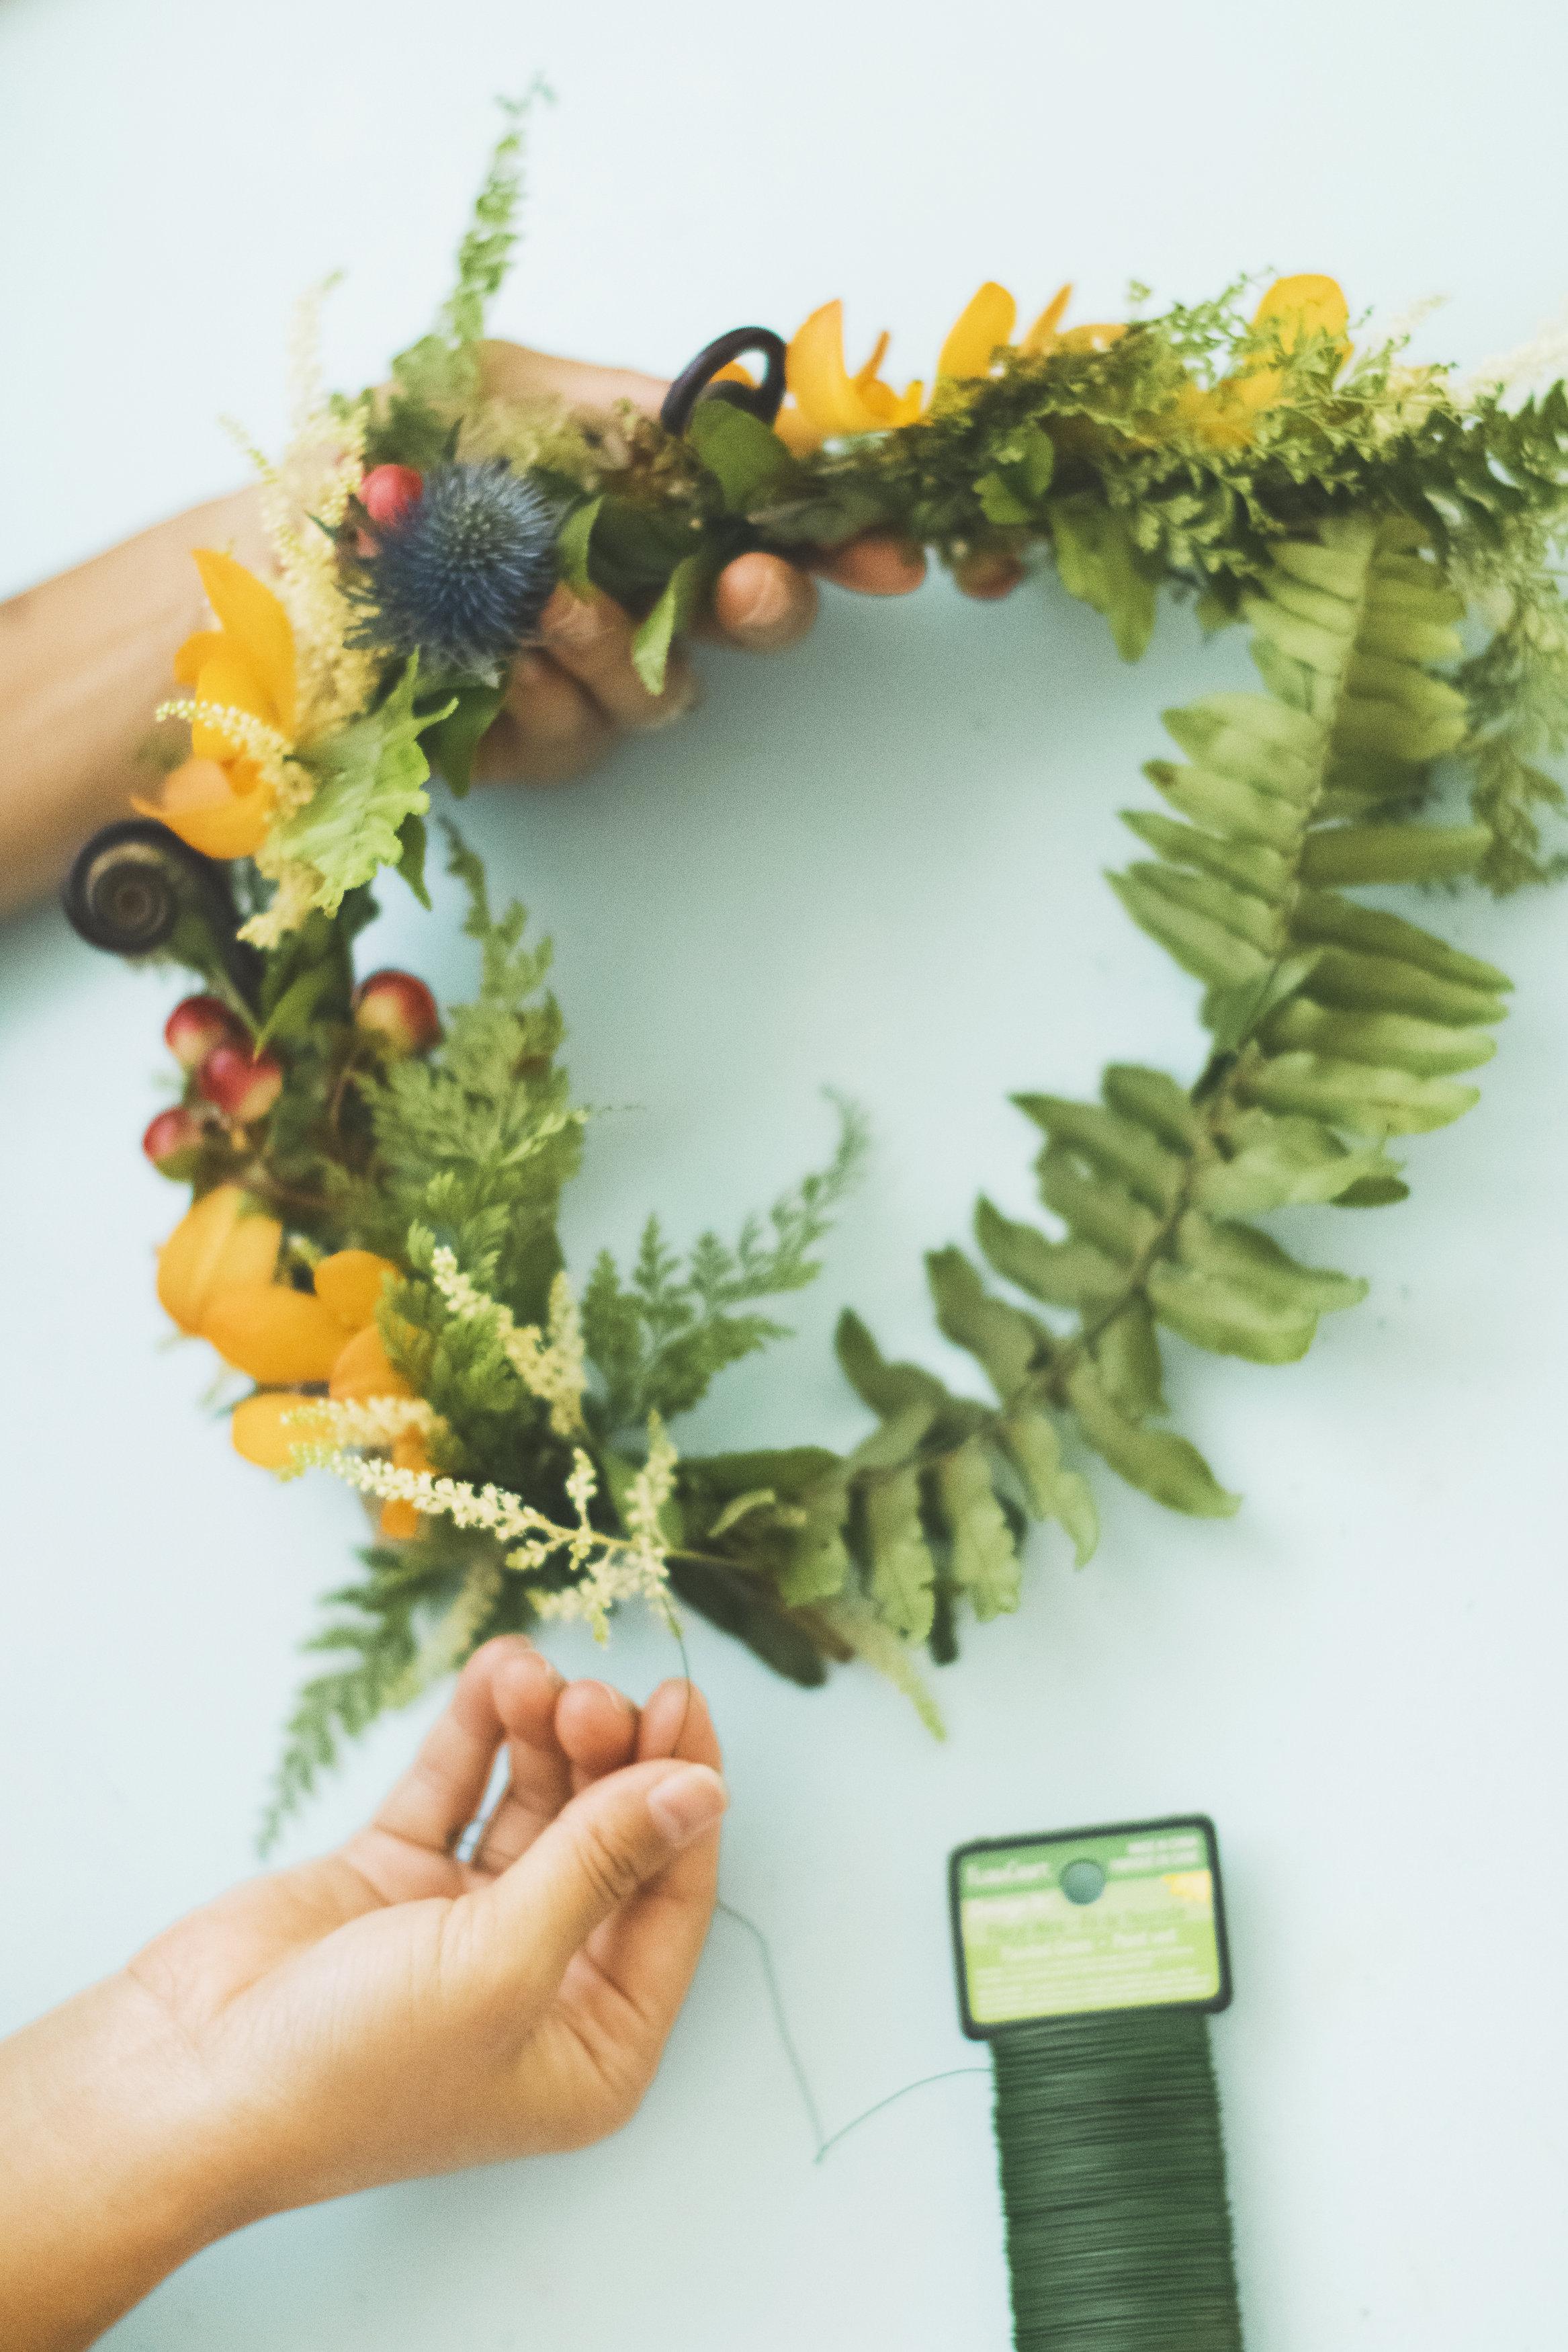 angie-diaz-photography-diy-flower-crown-tutorial-18.jpg